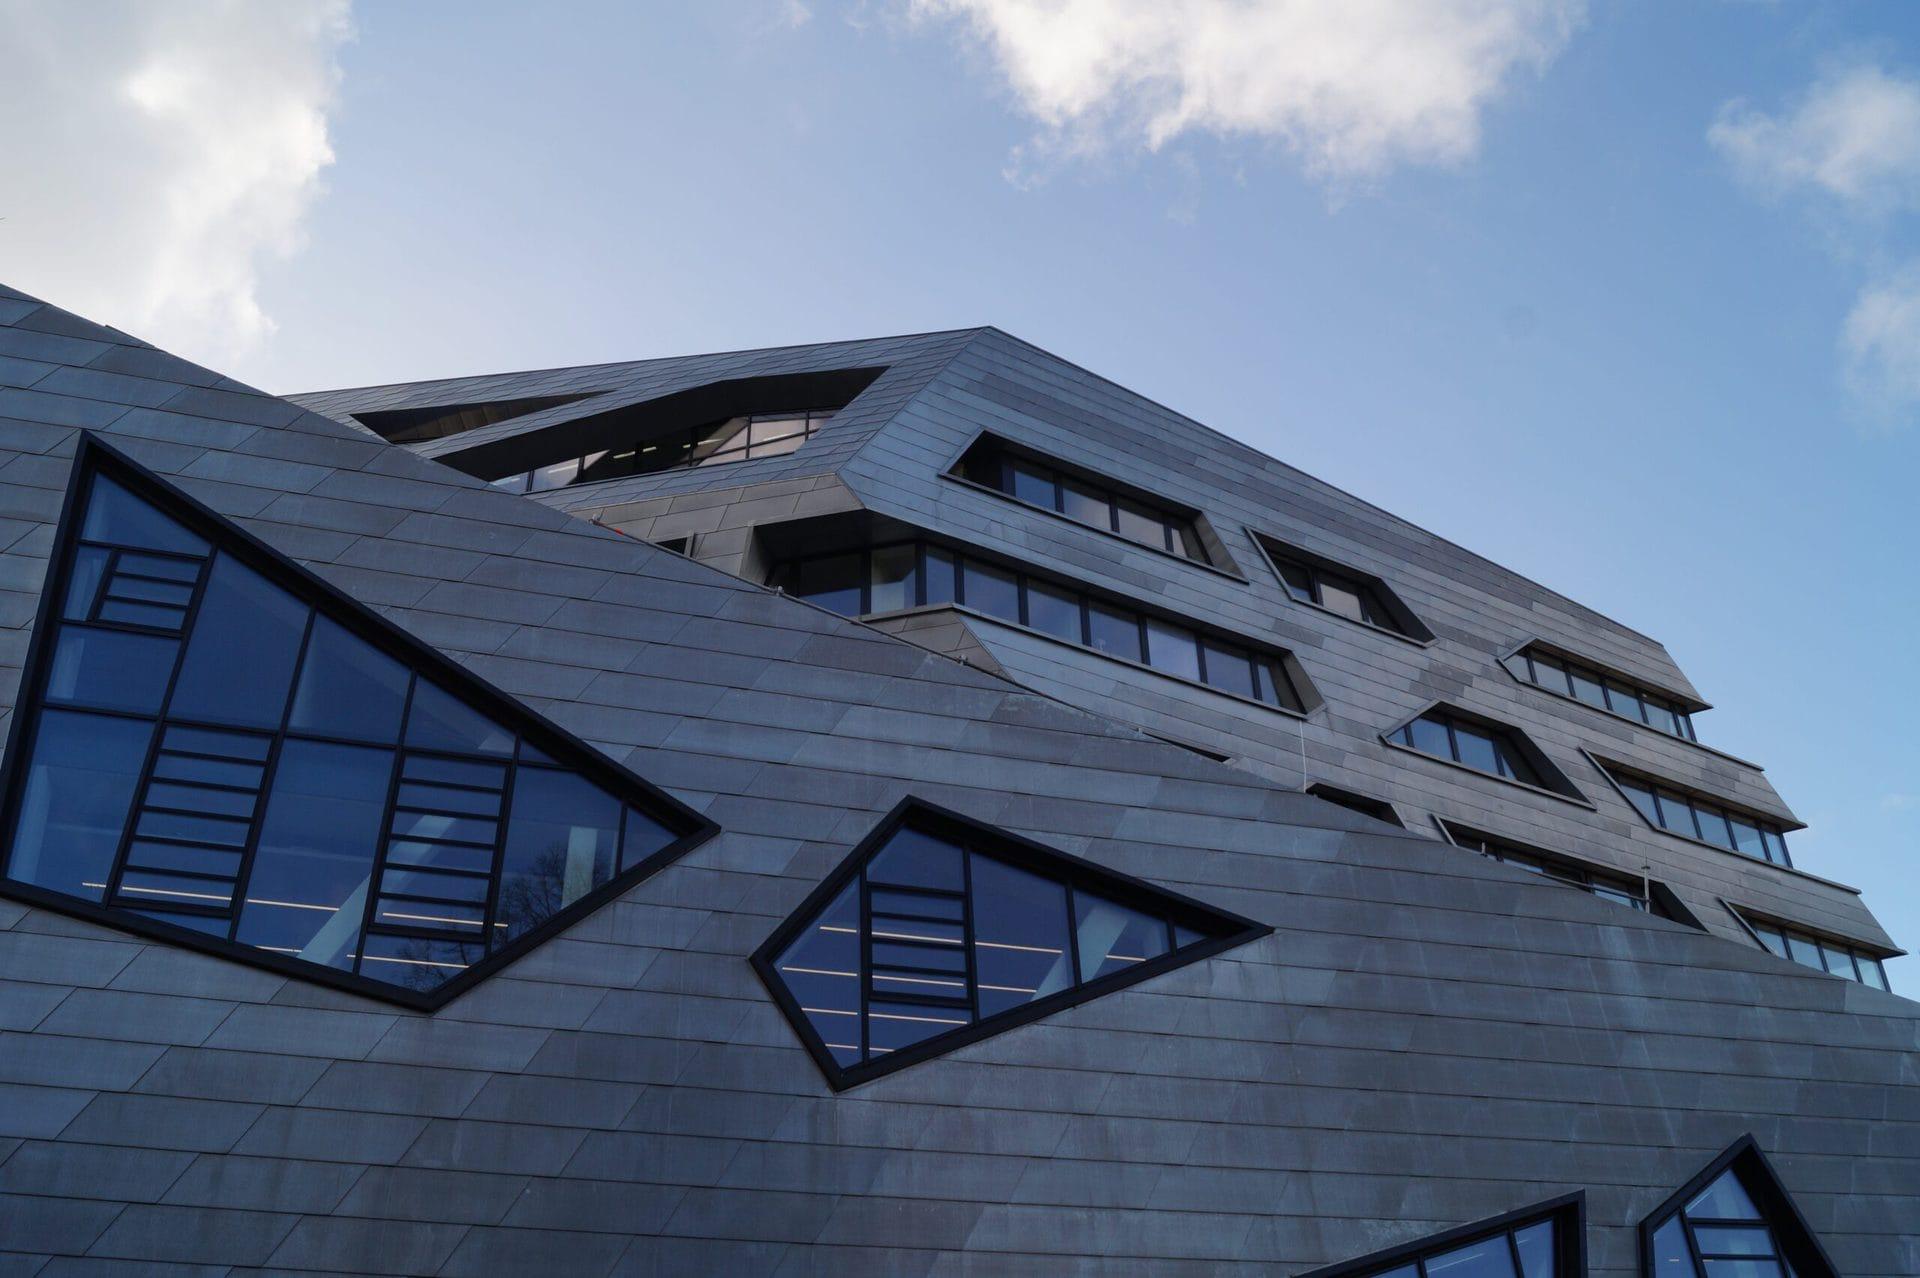 Leuphana Zentralgebäude im März 2017 - (c) Christopher Bohlens